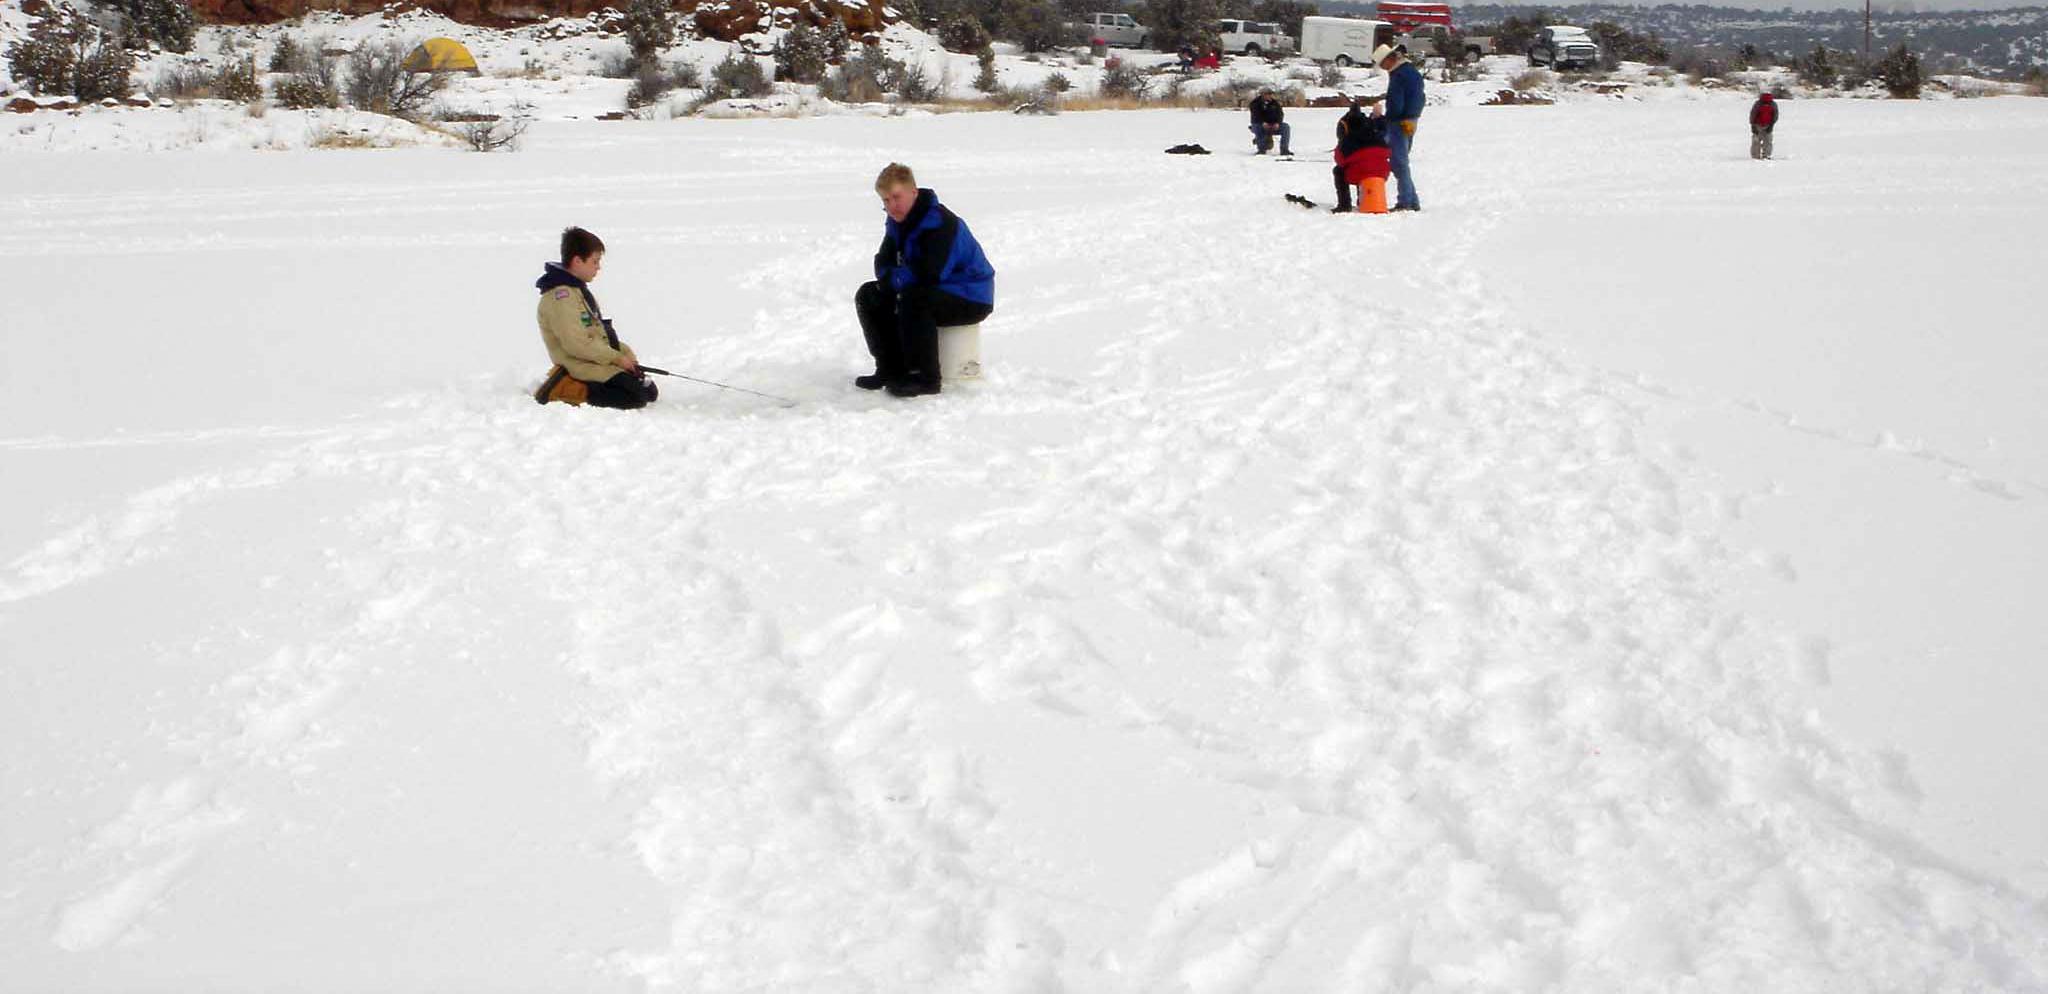 Ice Fishing at Six Lakes Resort